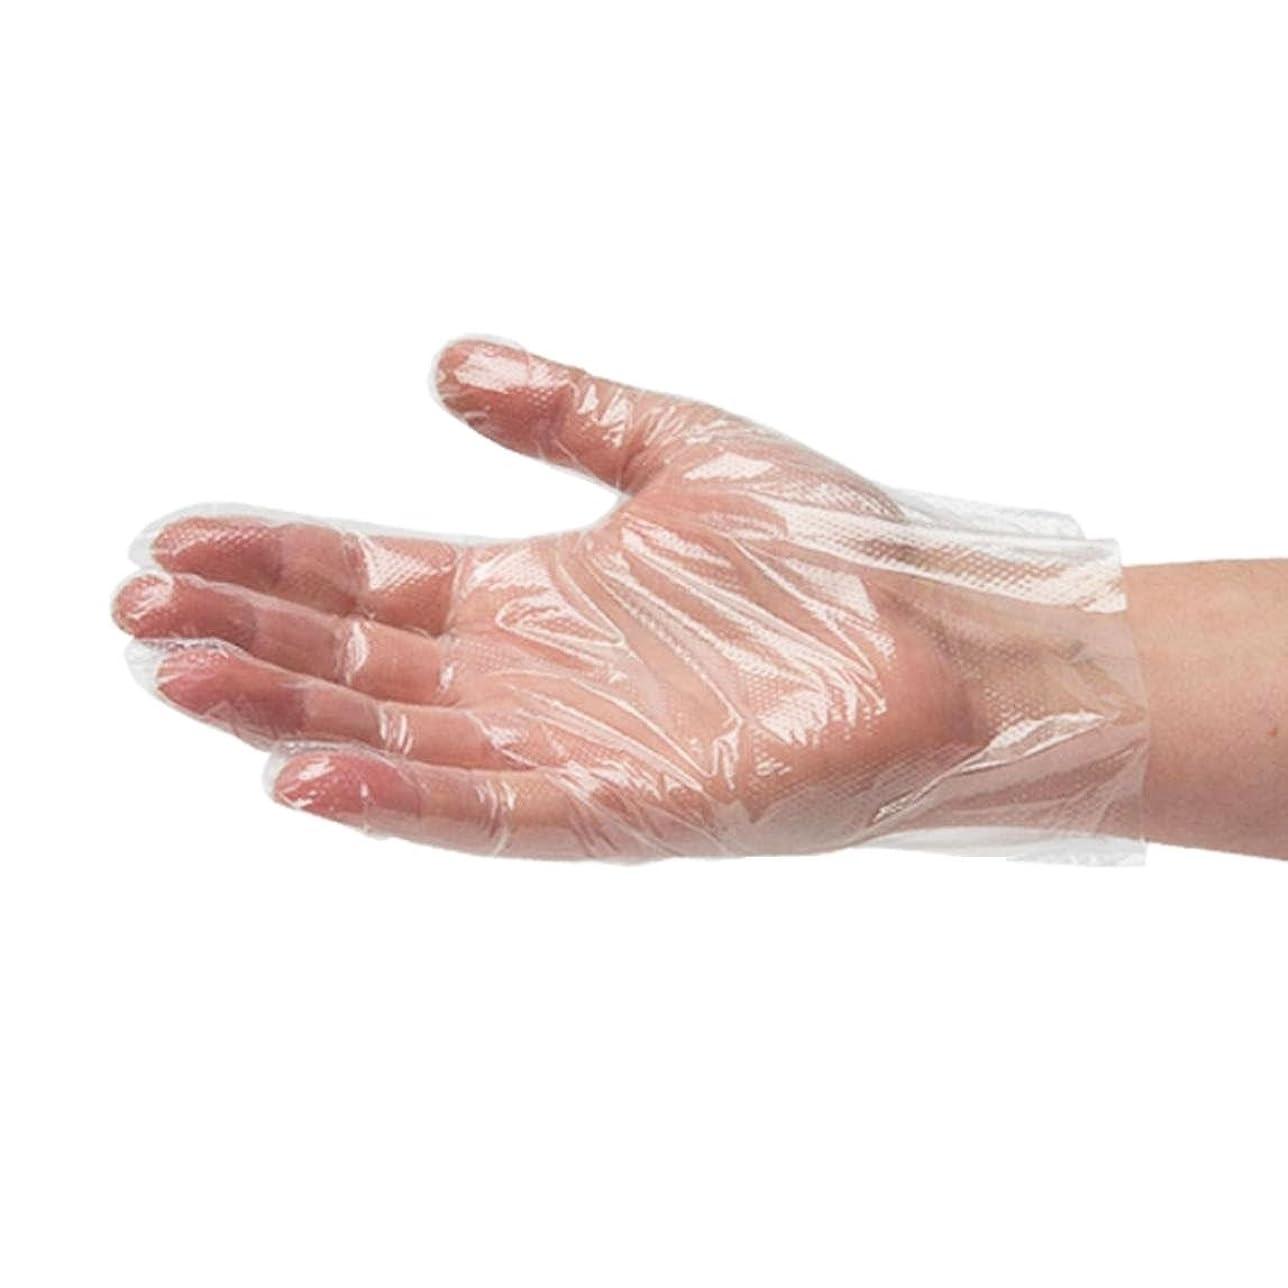 契約キャンドルサンプルKINGZUO 使い捨て 調理 ビニール極薄手袋 200枚入 使いきり手袋 (500枚)